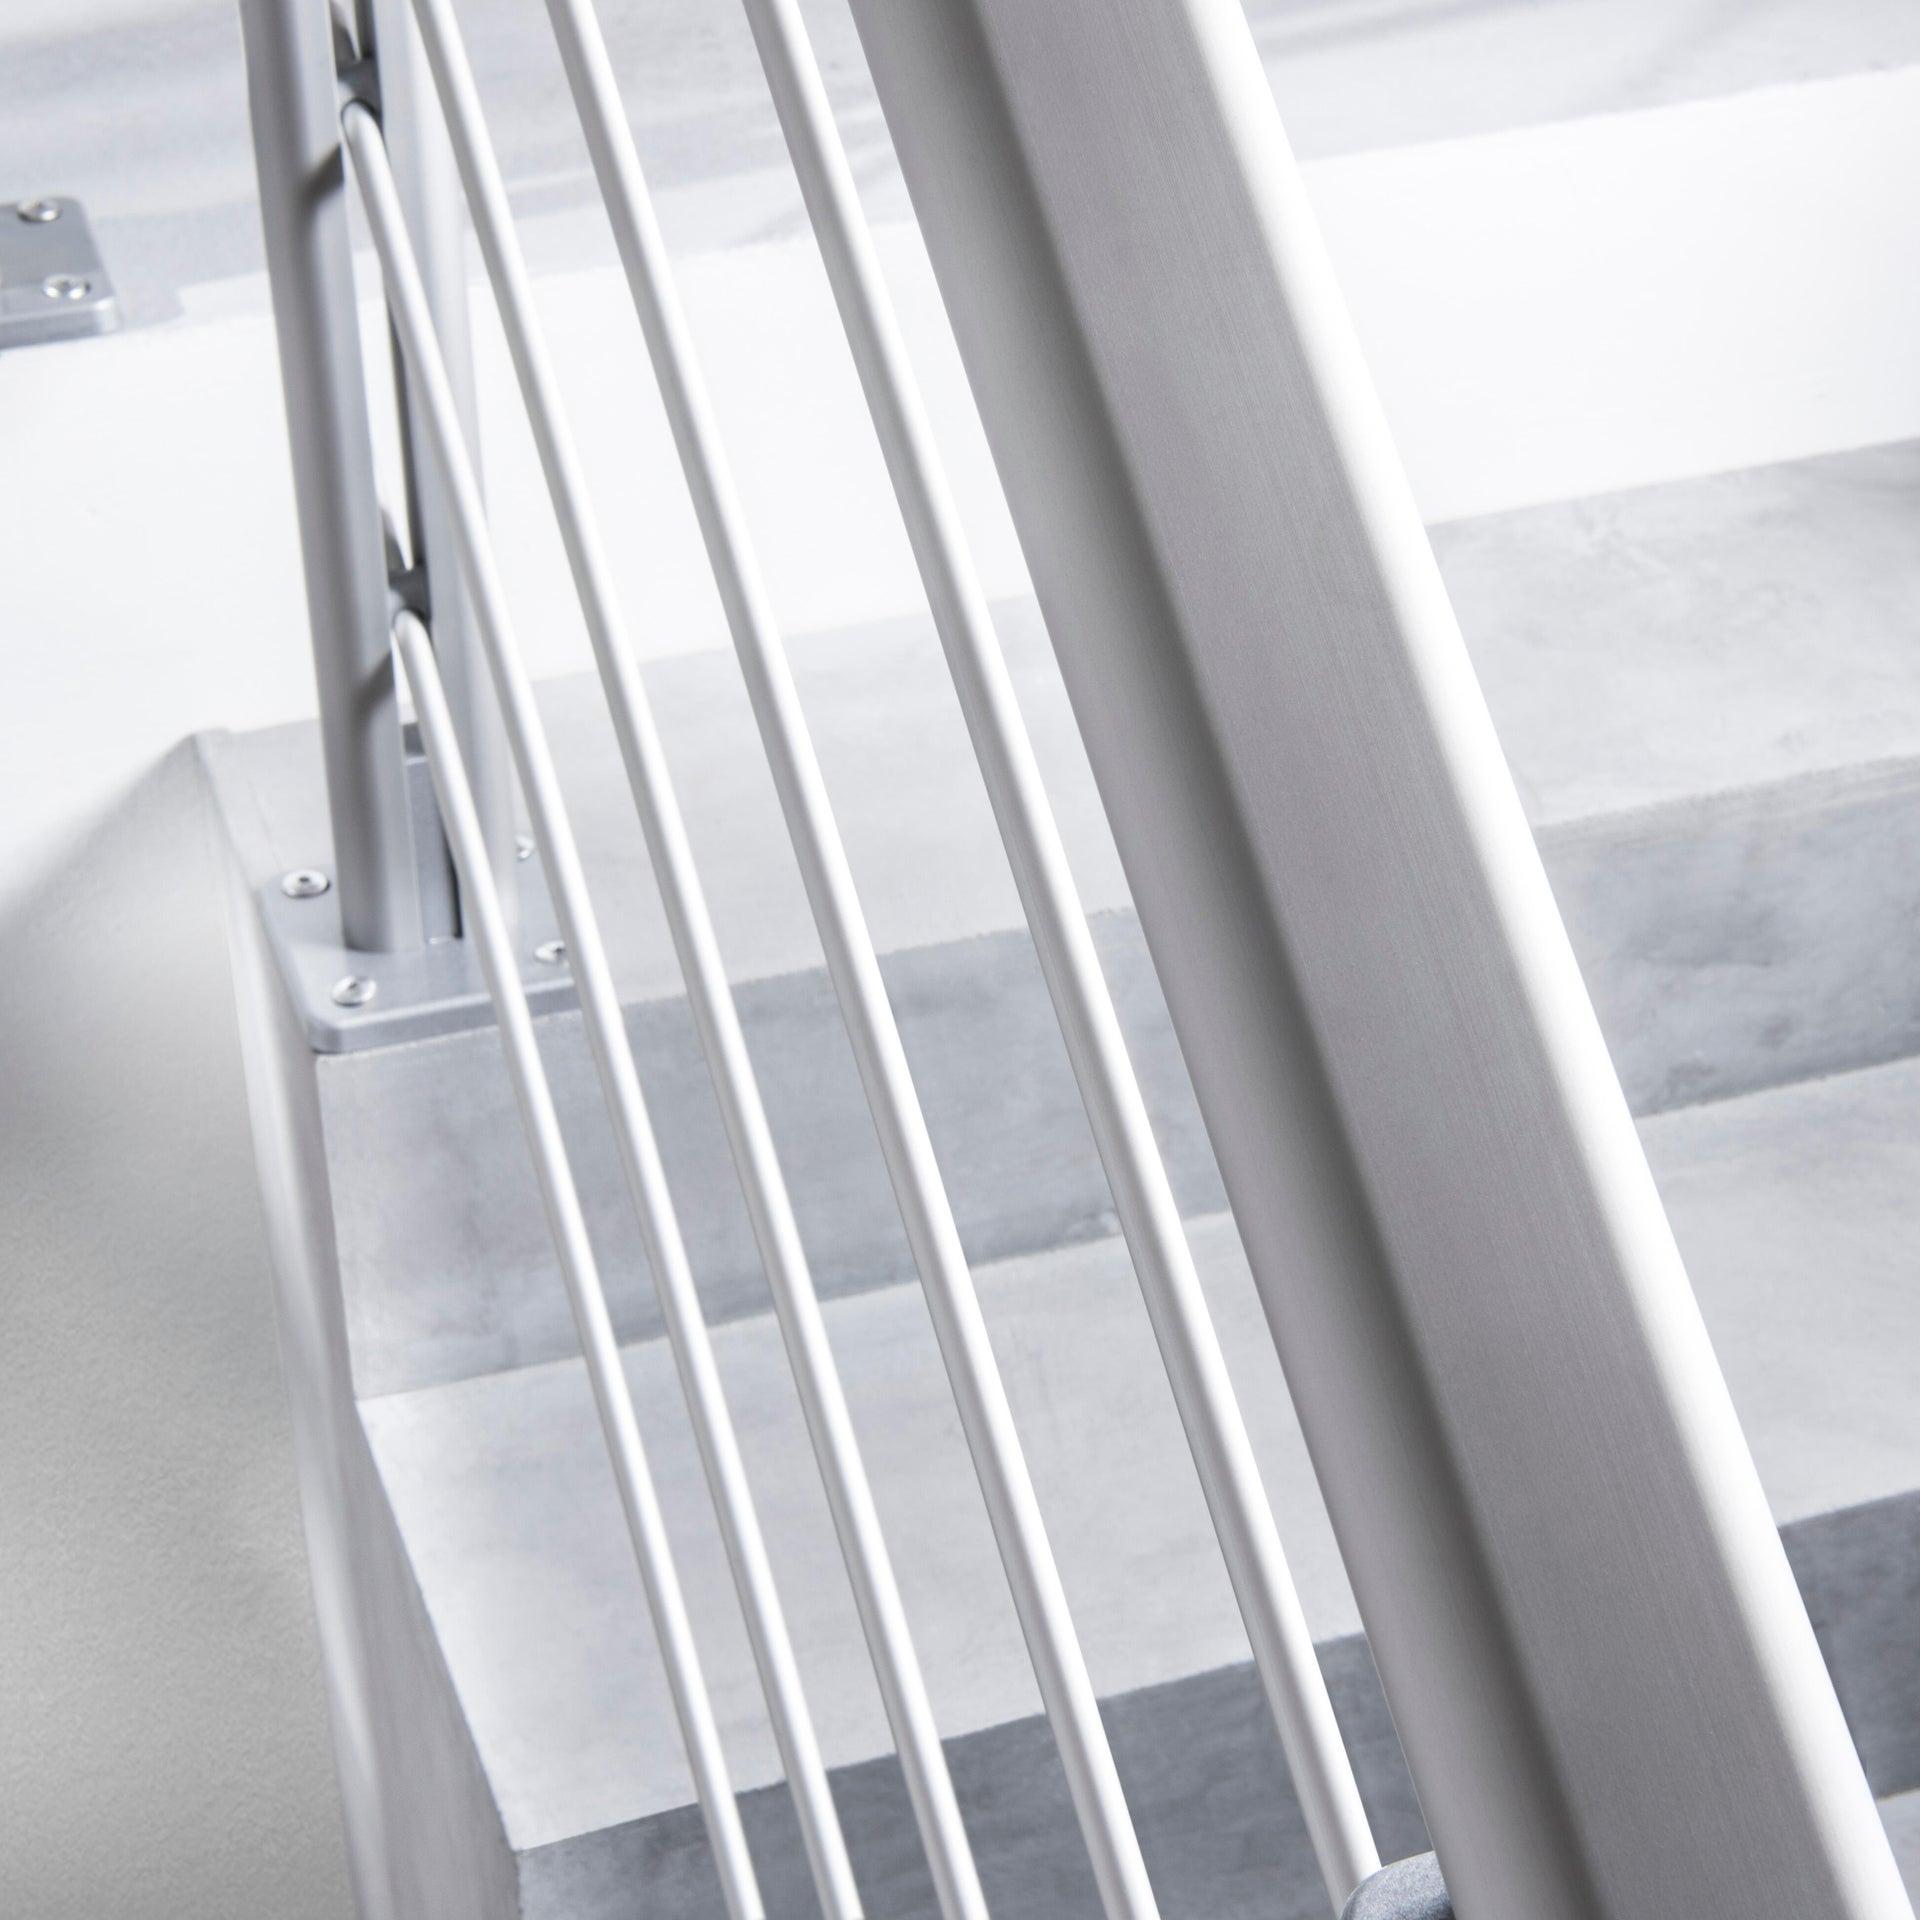 Balaustra ARTENS in alluminio L 200 x H 100 cm grigio - 6